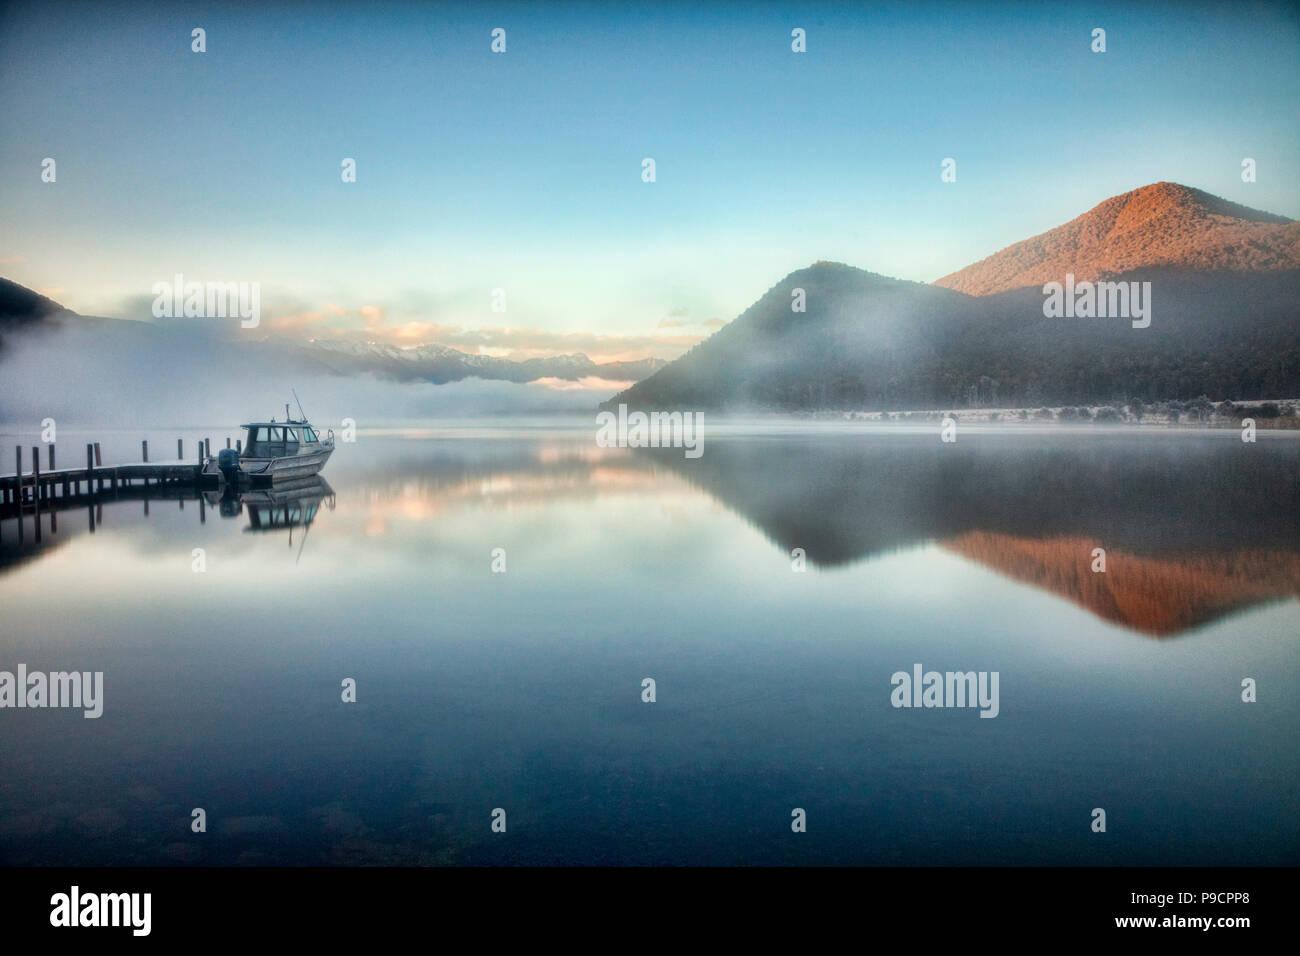 Un colde e nebbiosa mattina al Lago Rotoroa, Nelson Lakes National Park, Nuova Zelanda. Immagini Stock